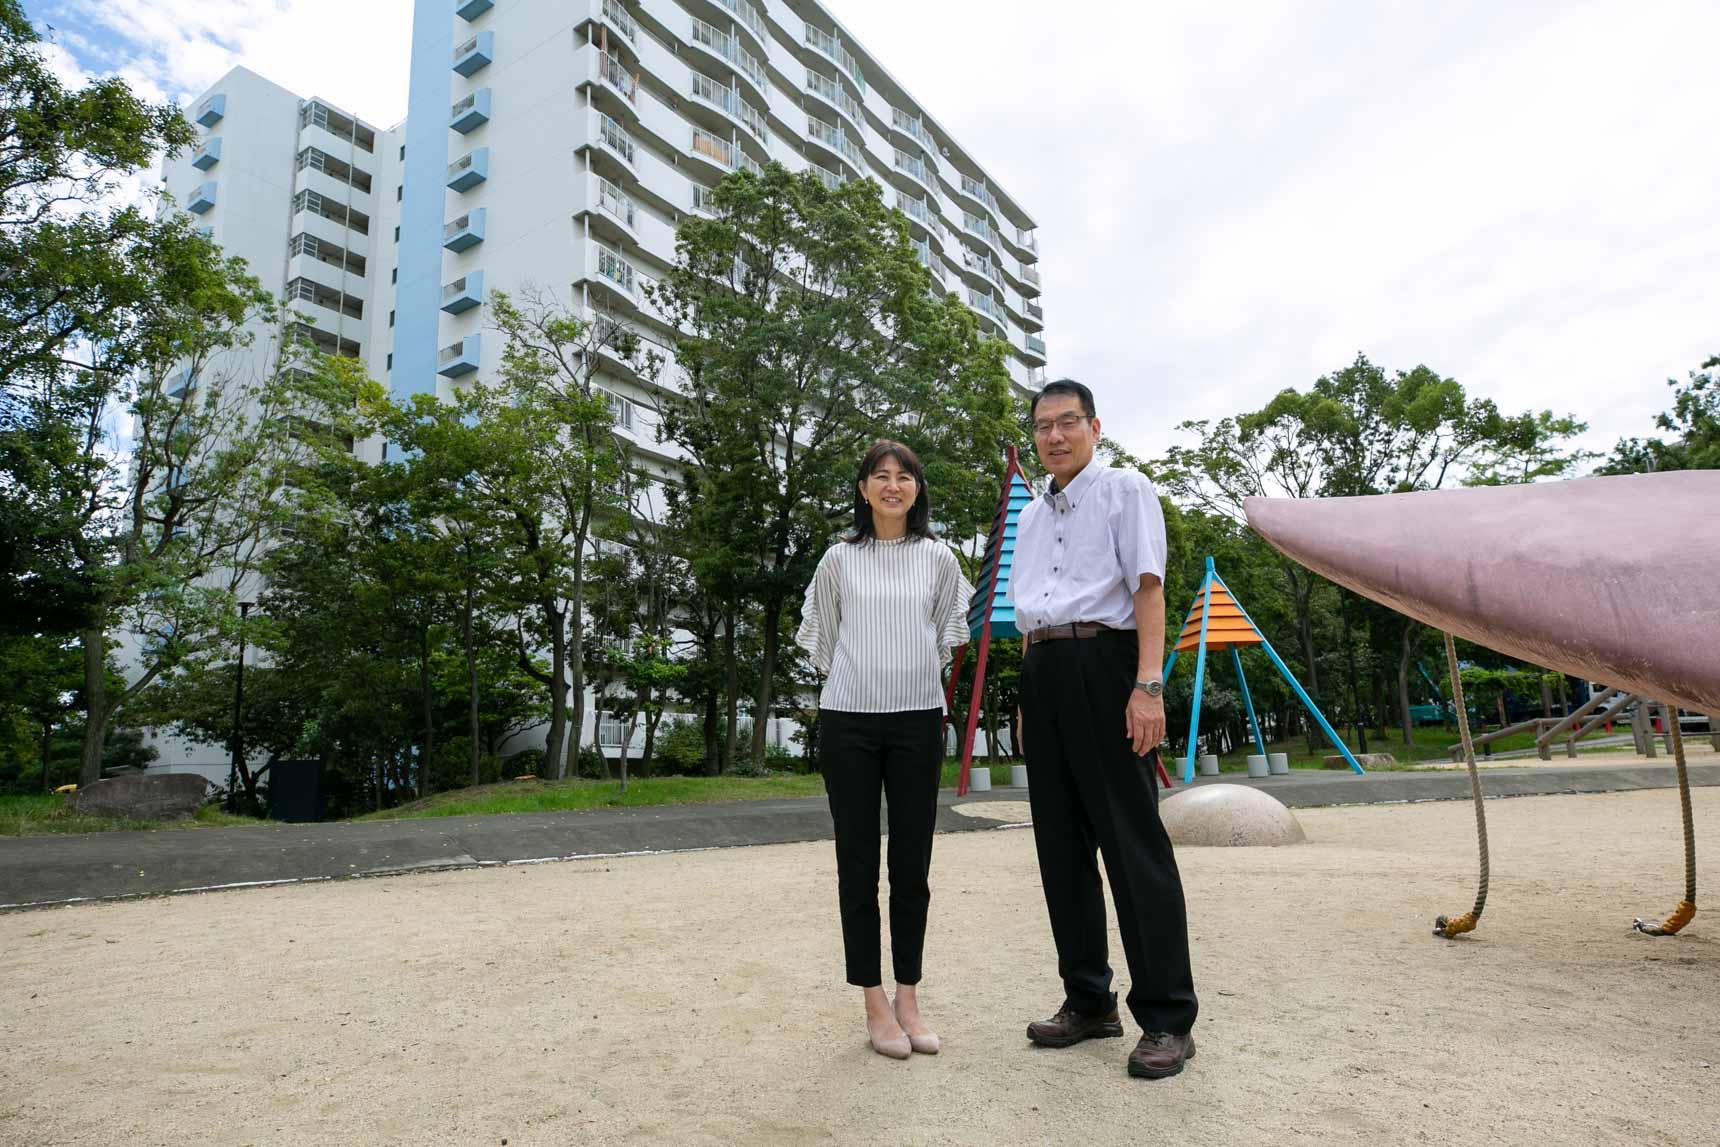 ご案内していただいたのは、写真左から、UR都市機構の杉田さんと和藤さんです。